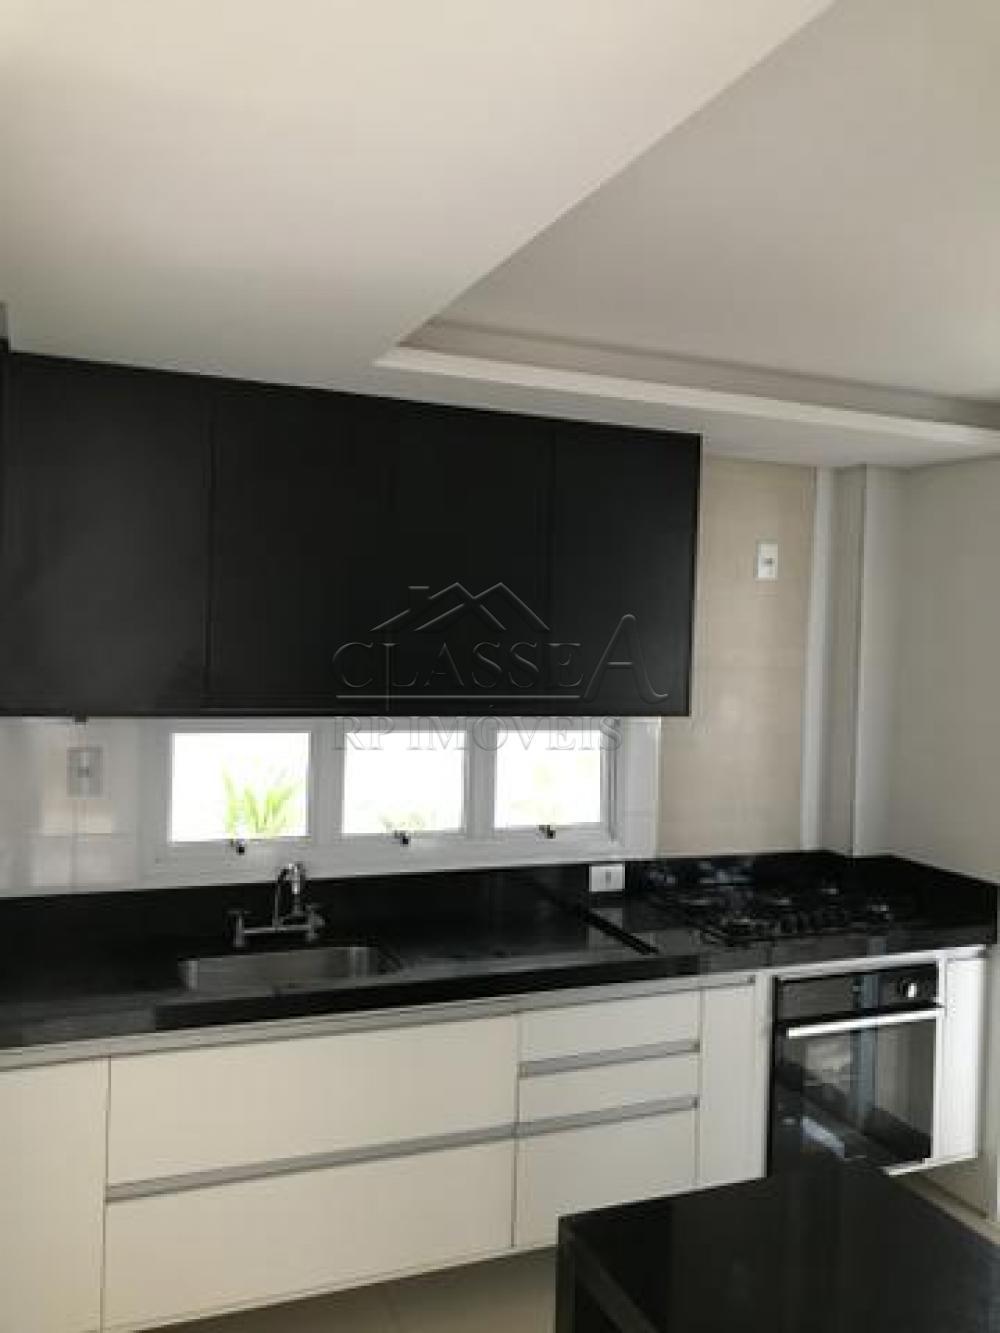 Comprar Casa / Condomínio - sobrado em Ribeirão Preto apenas R$ 1.050.000,00 - Foto 6